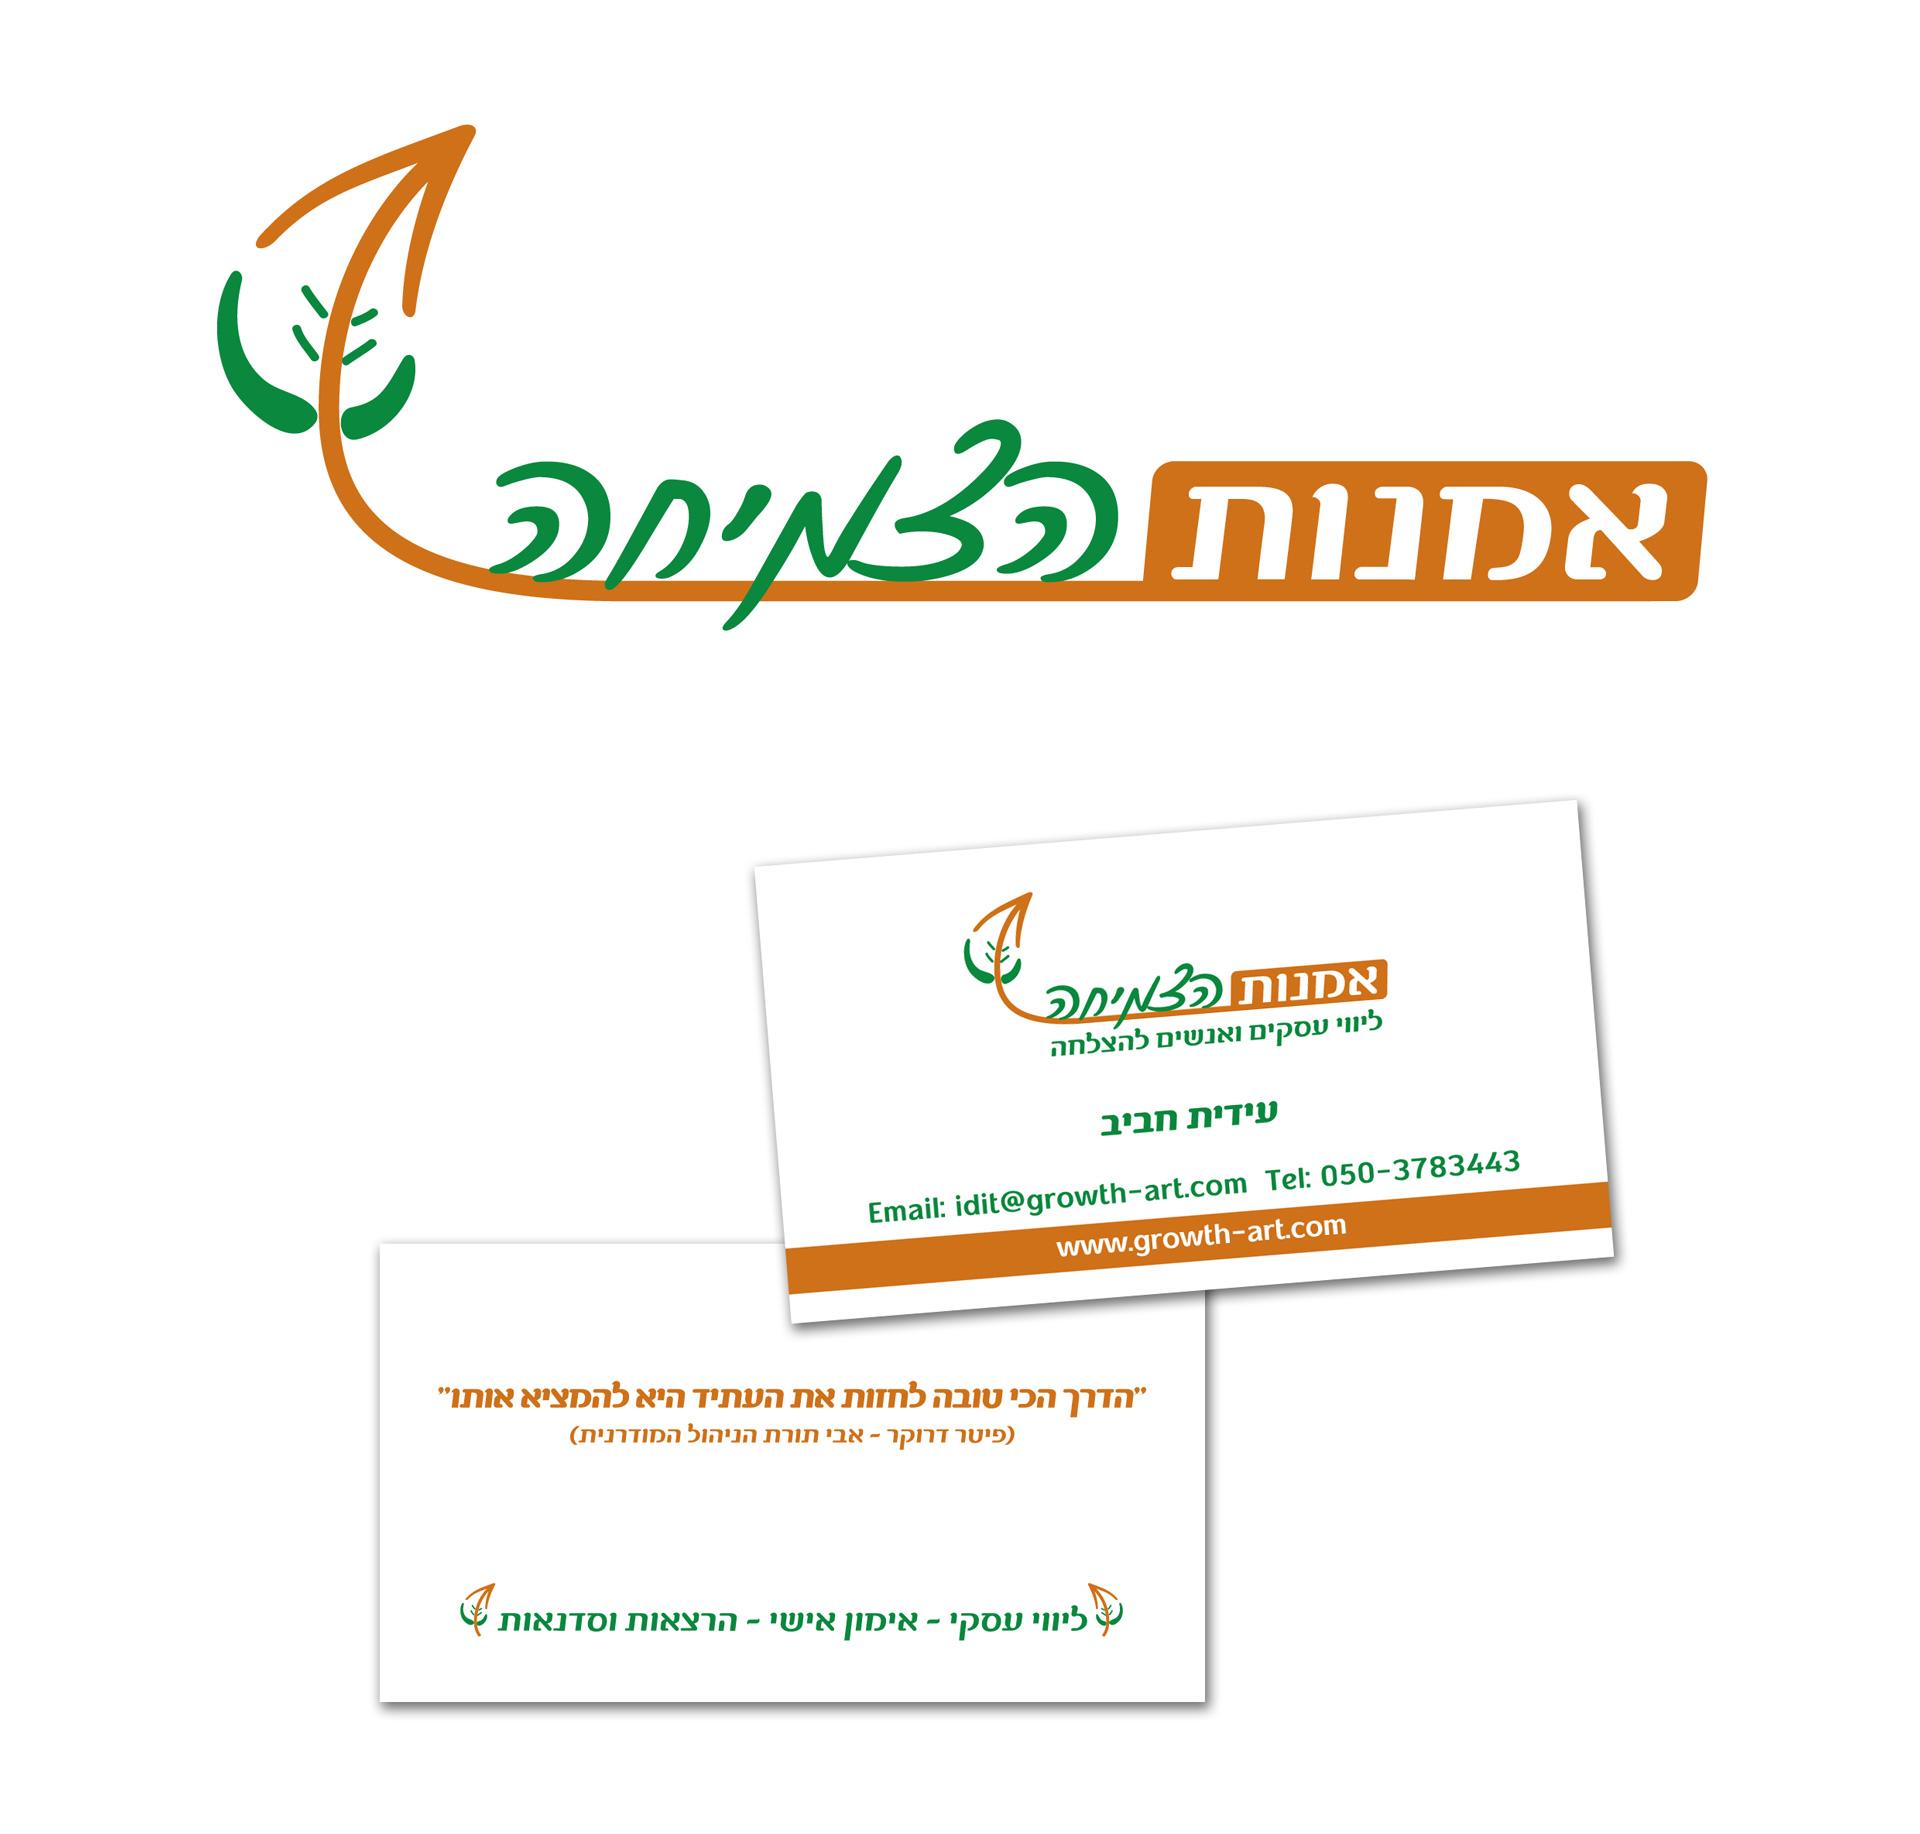 לוגו אמנות הצמיחה